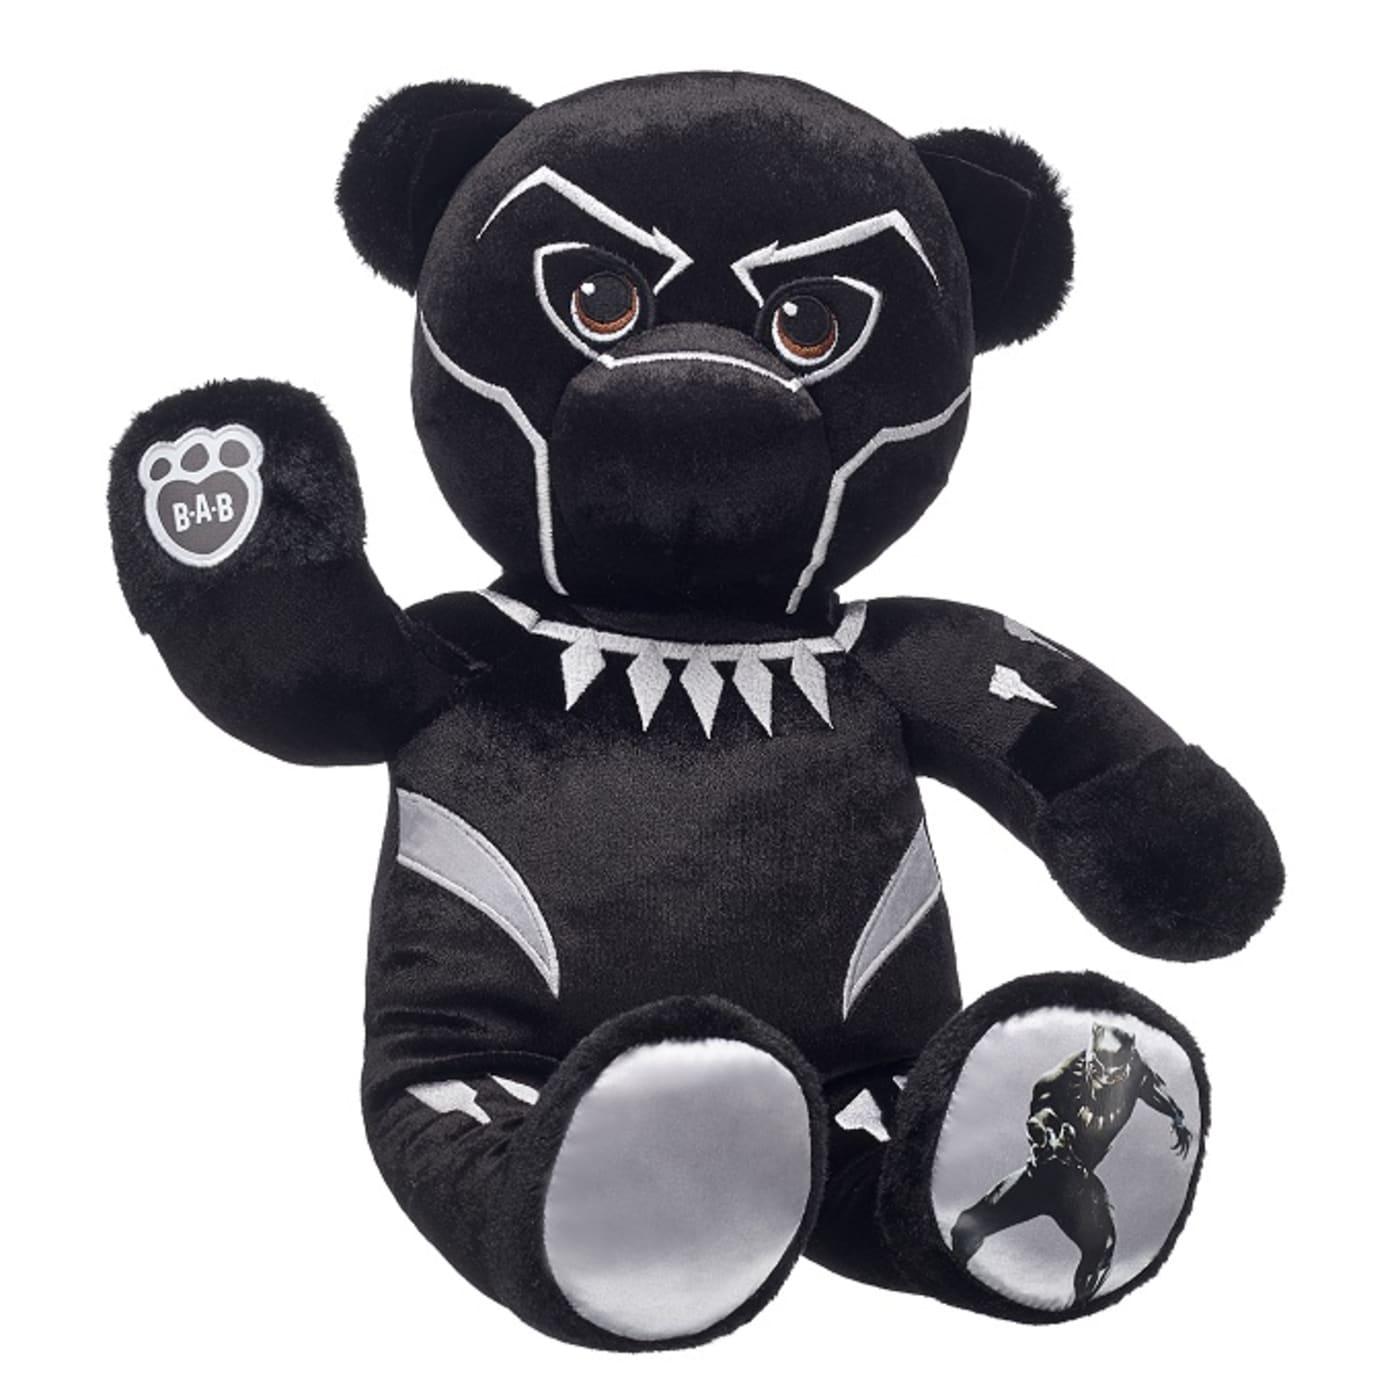 Black Panther Build a Bear